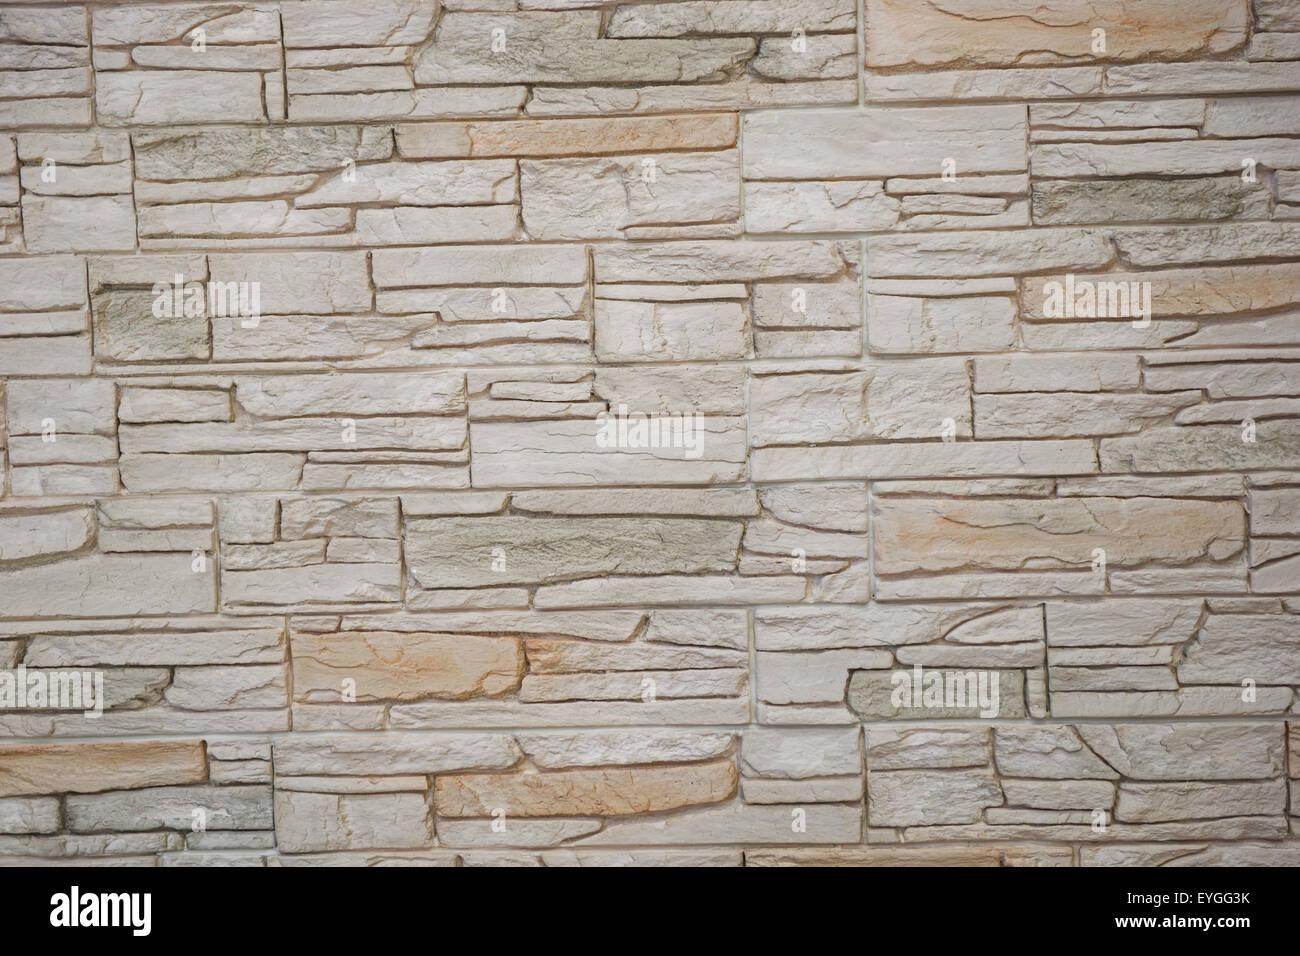 Attraktiv Wand Aus Naturstein. Große Hintergrund Oder Textur